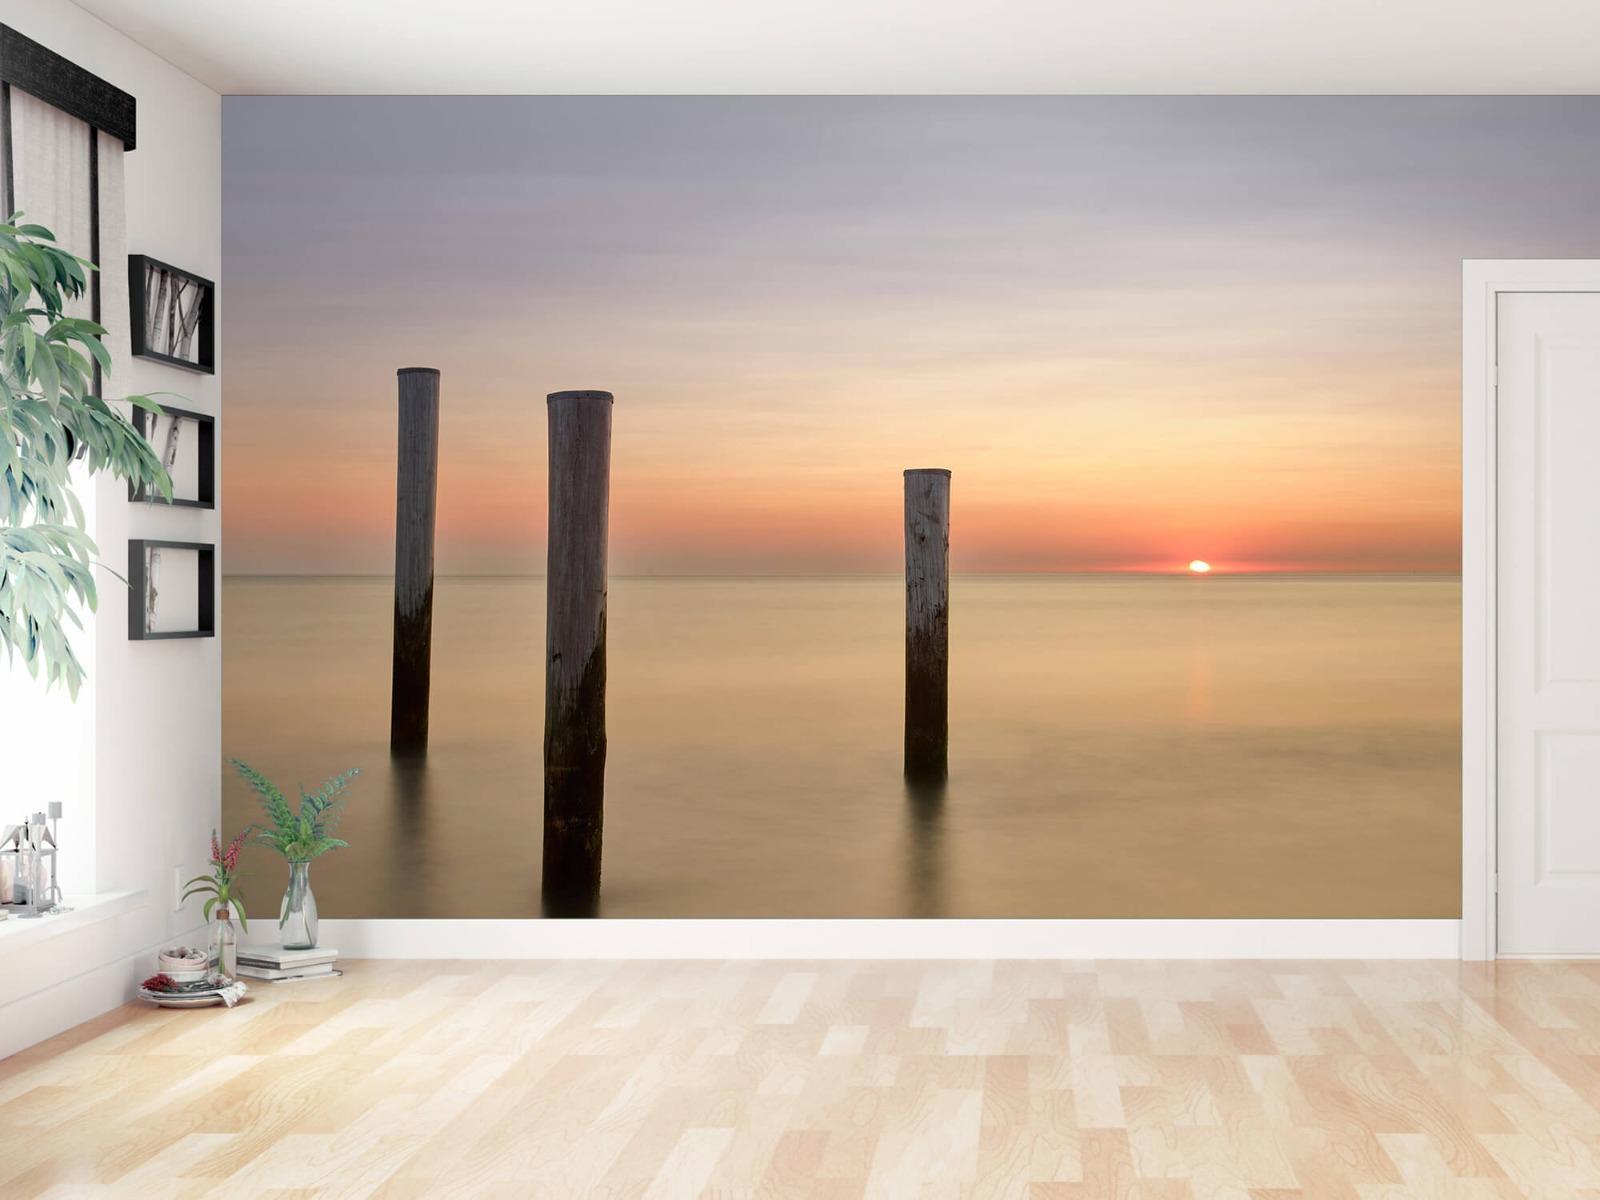 Zeeën en Oceanen - Drie houten palen - Slaapkamer 11